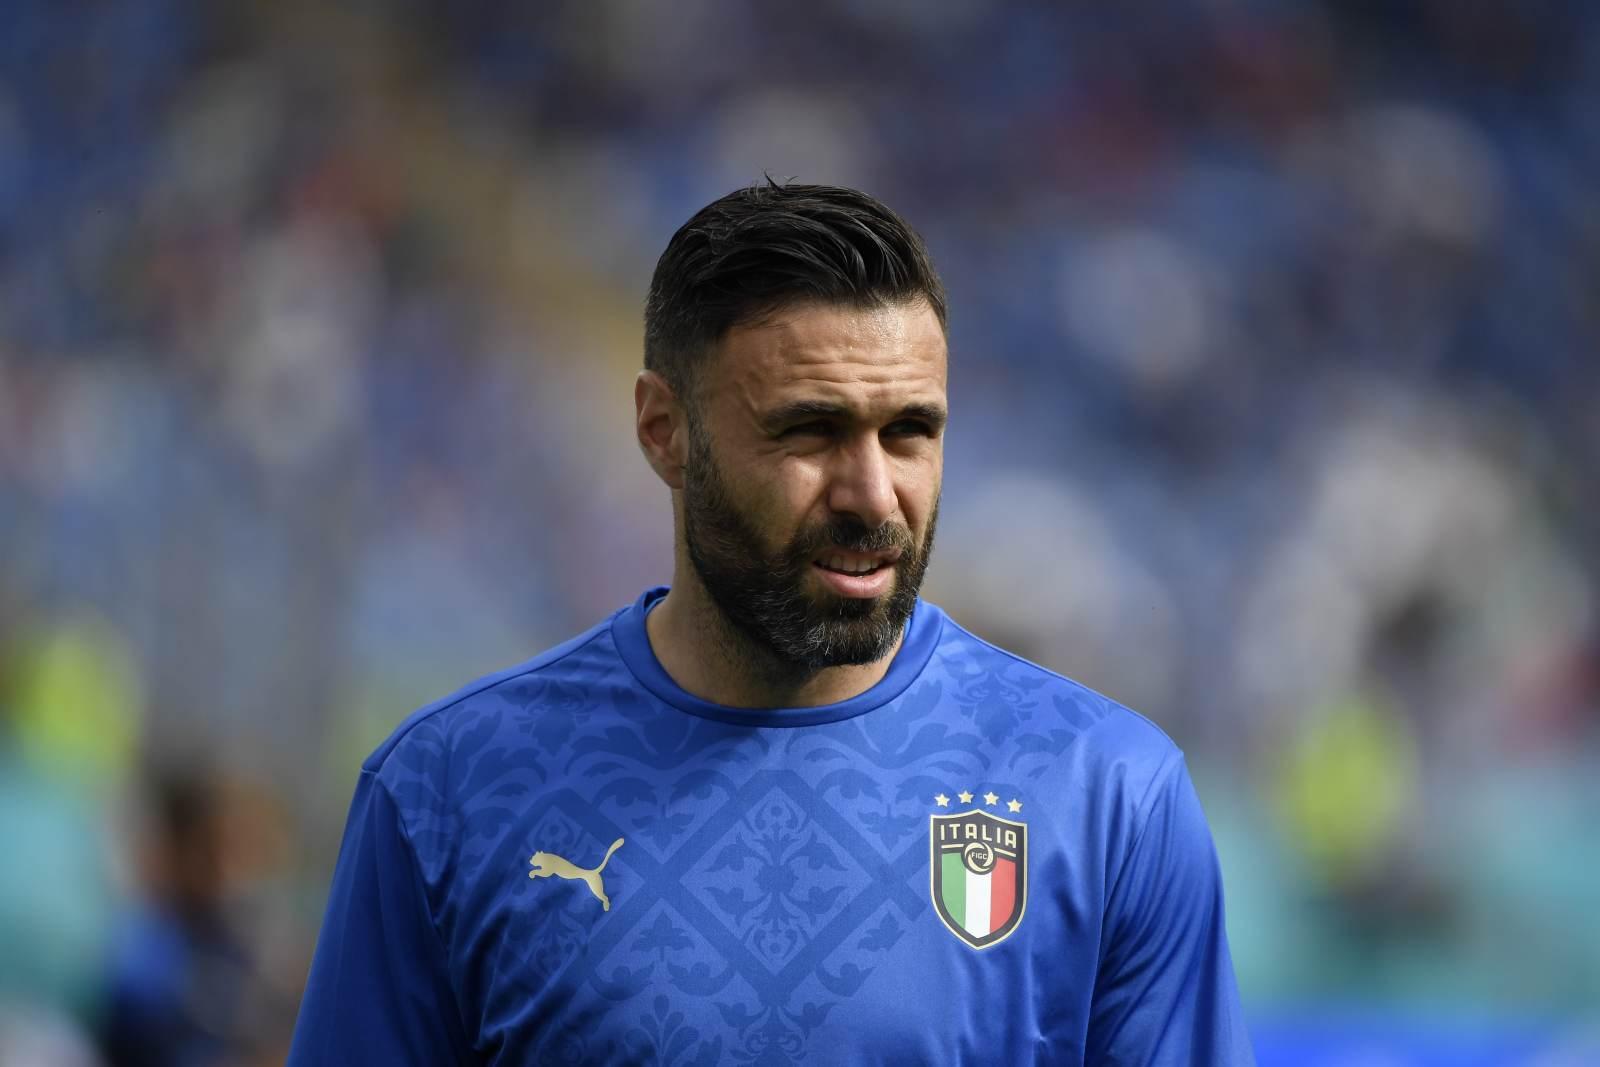 Итальянские футболисты рассказали о важной роли Сиригу на Евро-2020 – он сыграл 1 минуту